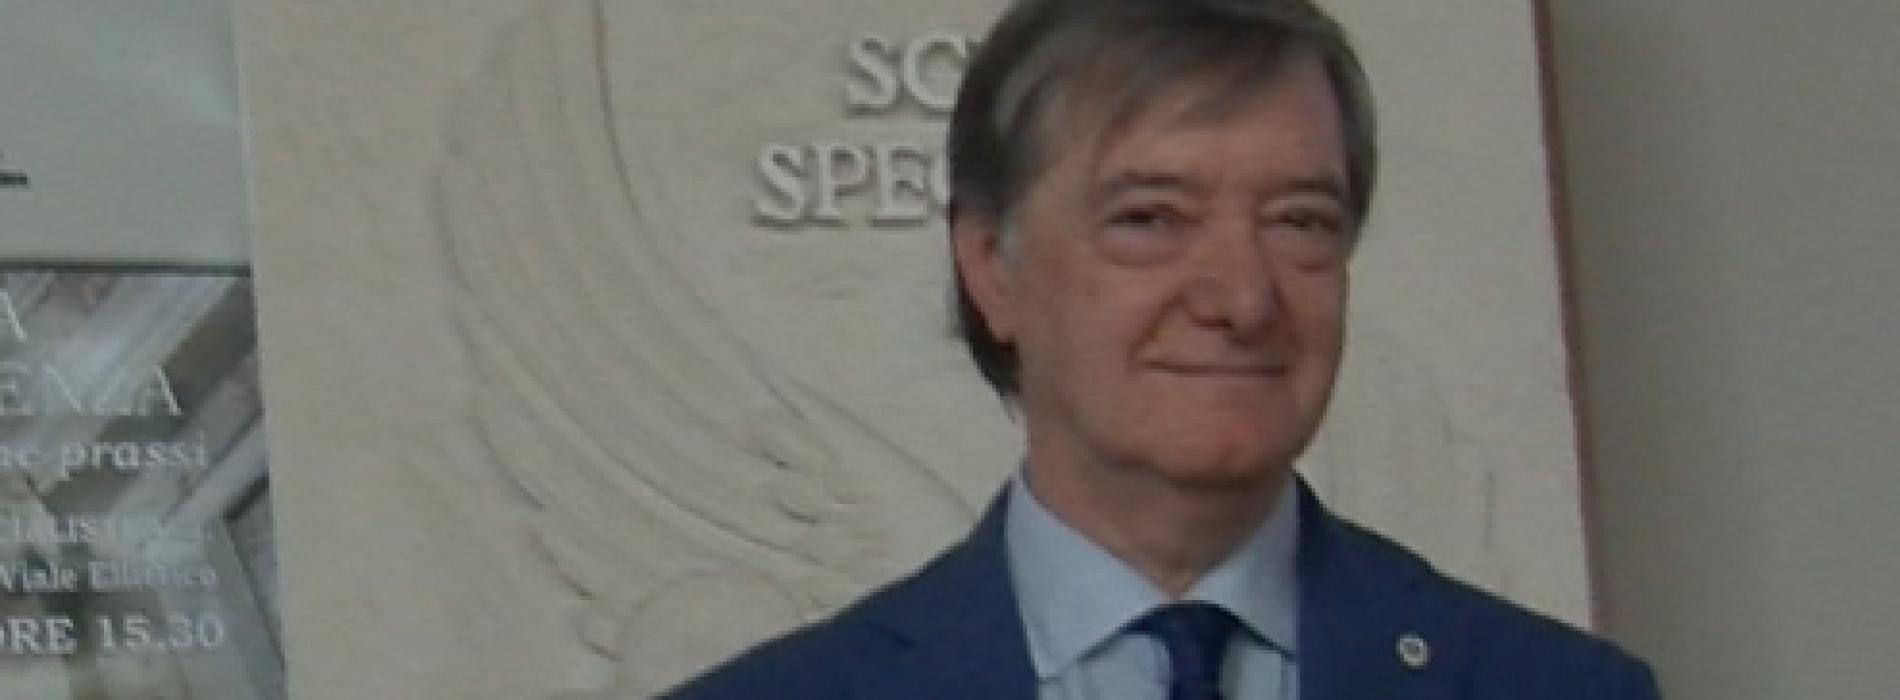 Alessandro de Donato, presidente Consiglio Notarile Caserta